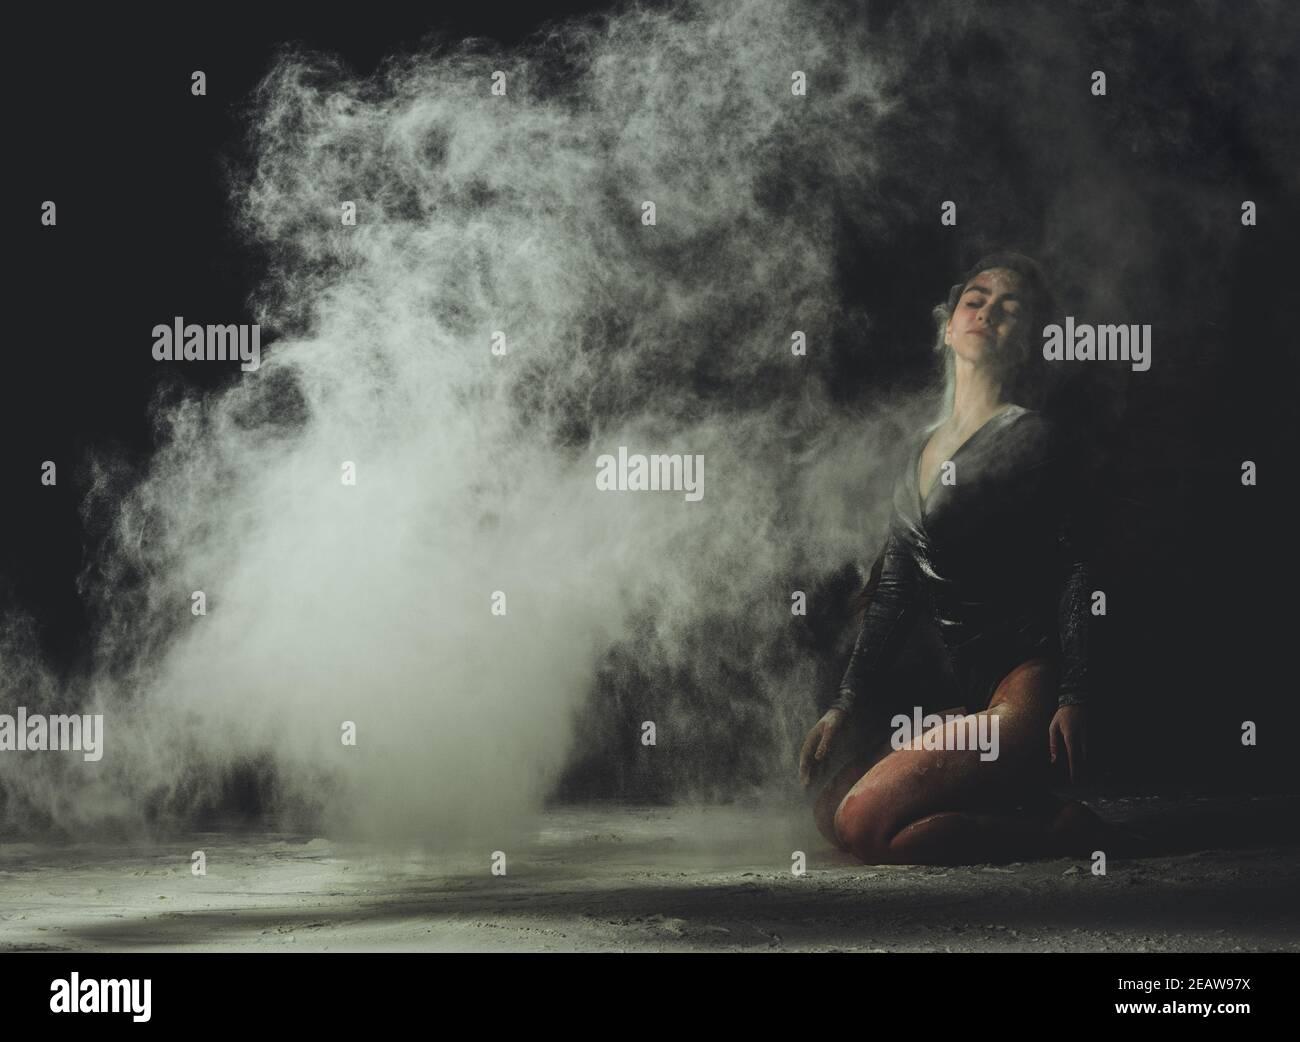 Junge schöne kaukasische Frau mit langen Haaren ist in gekleidet Ein sportlicher schwarzer Body und sitzt auf dem Boden Stockfoto